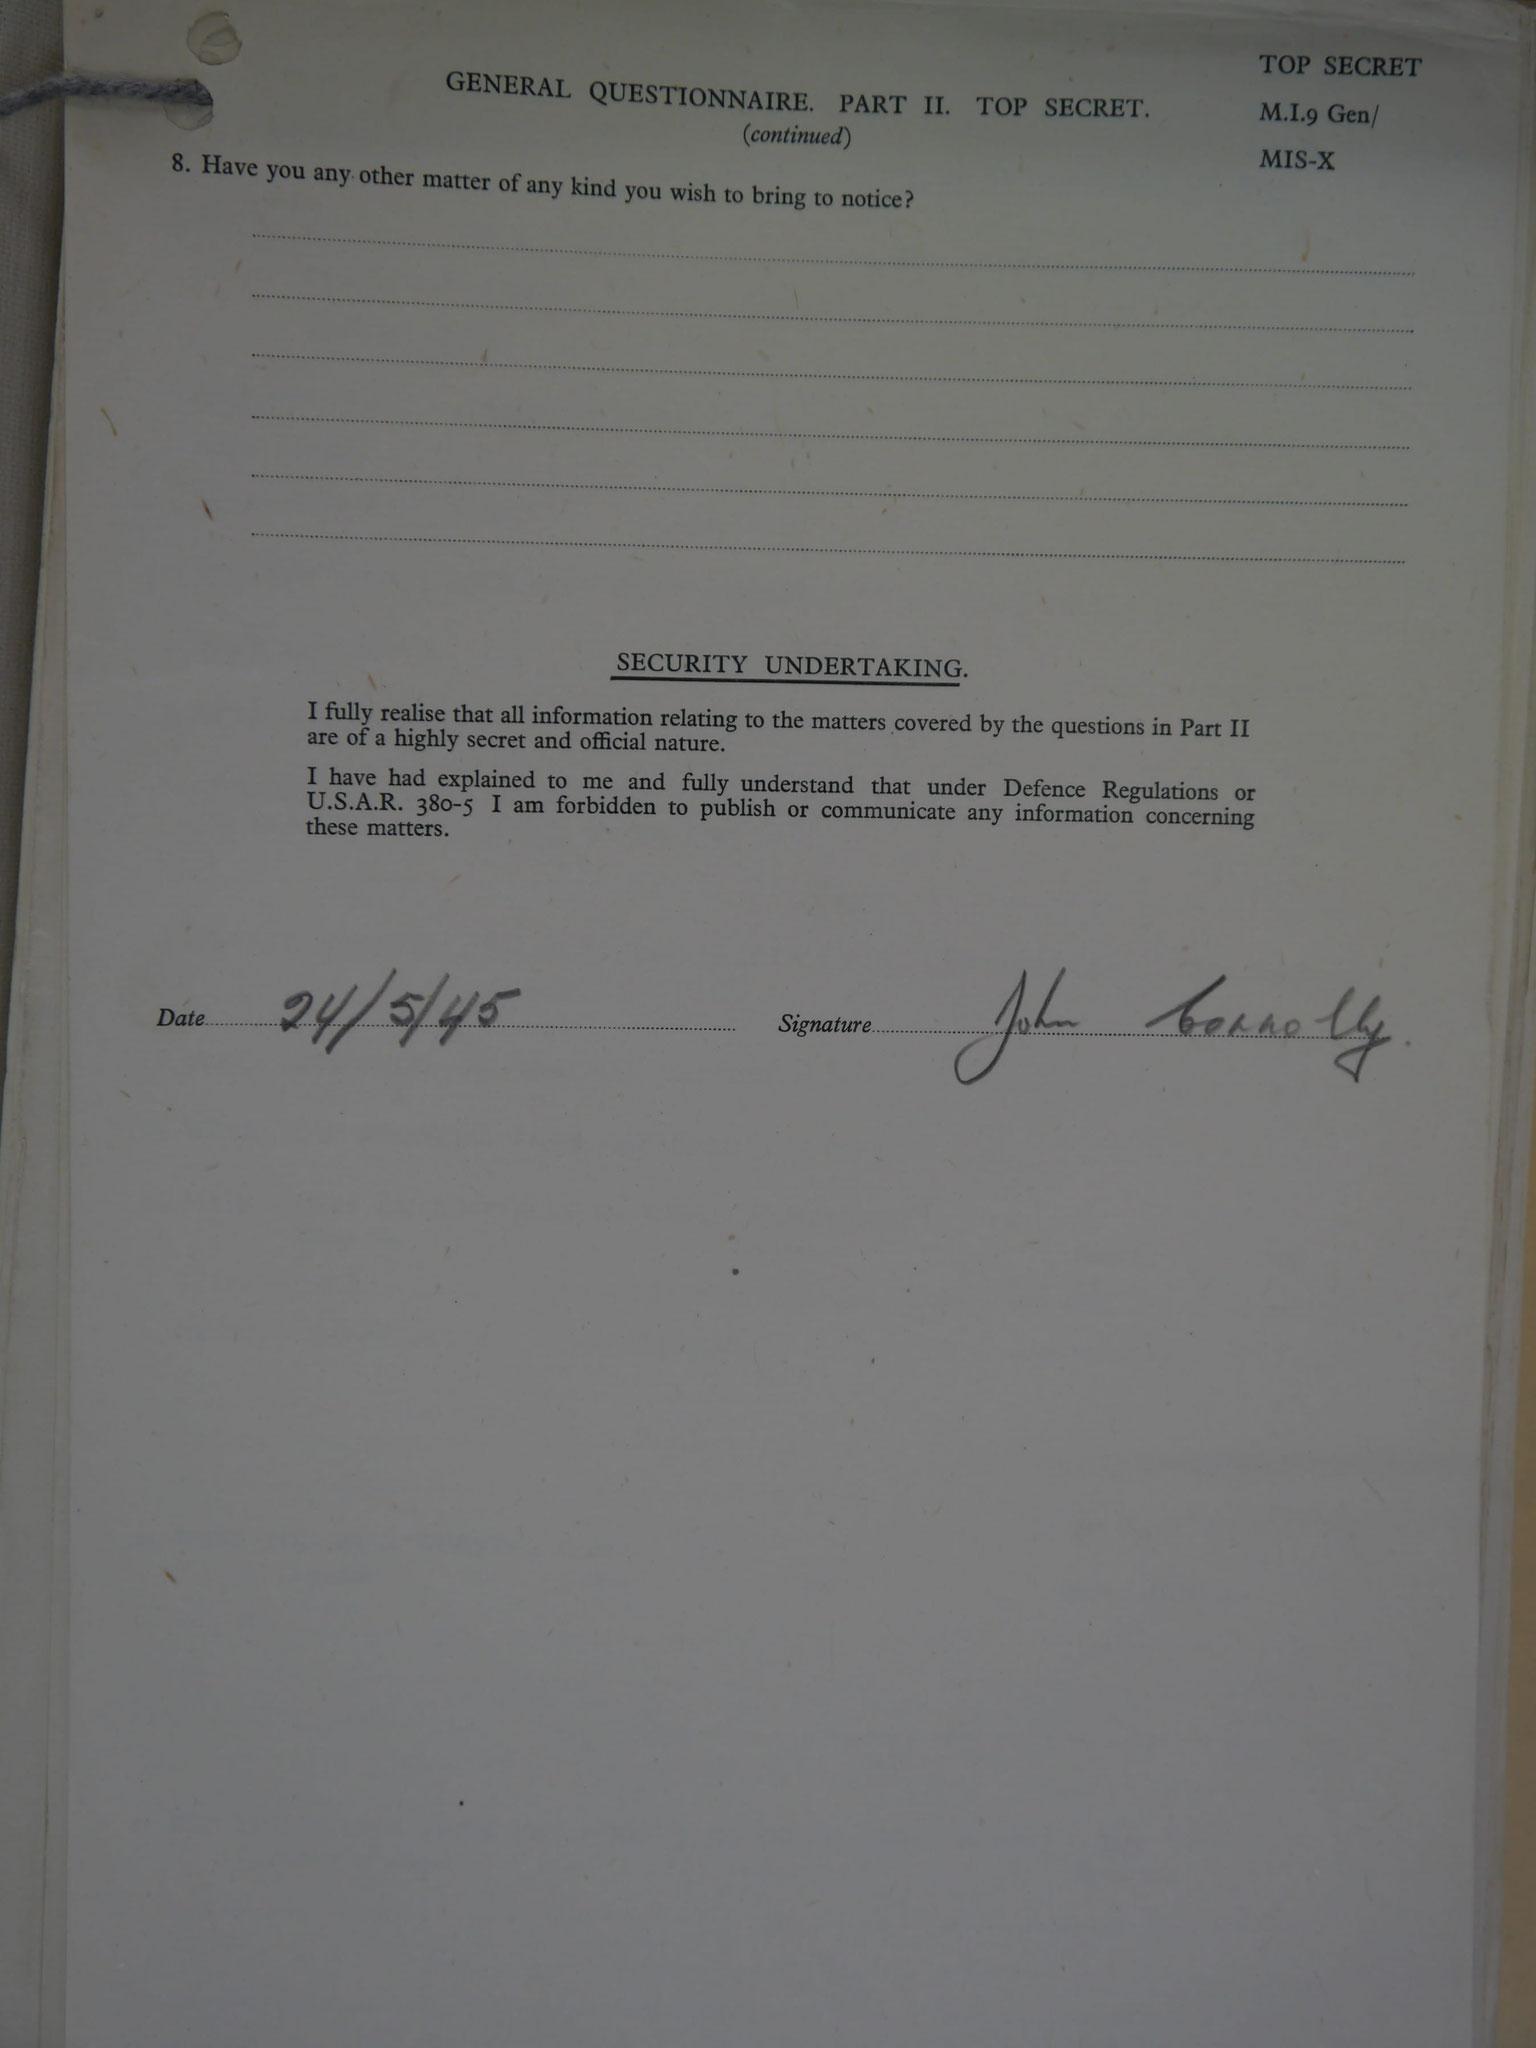 Private J. Connolly